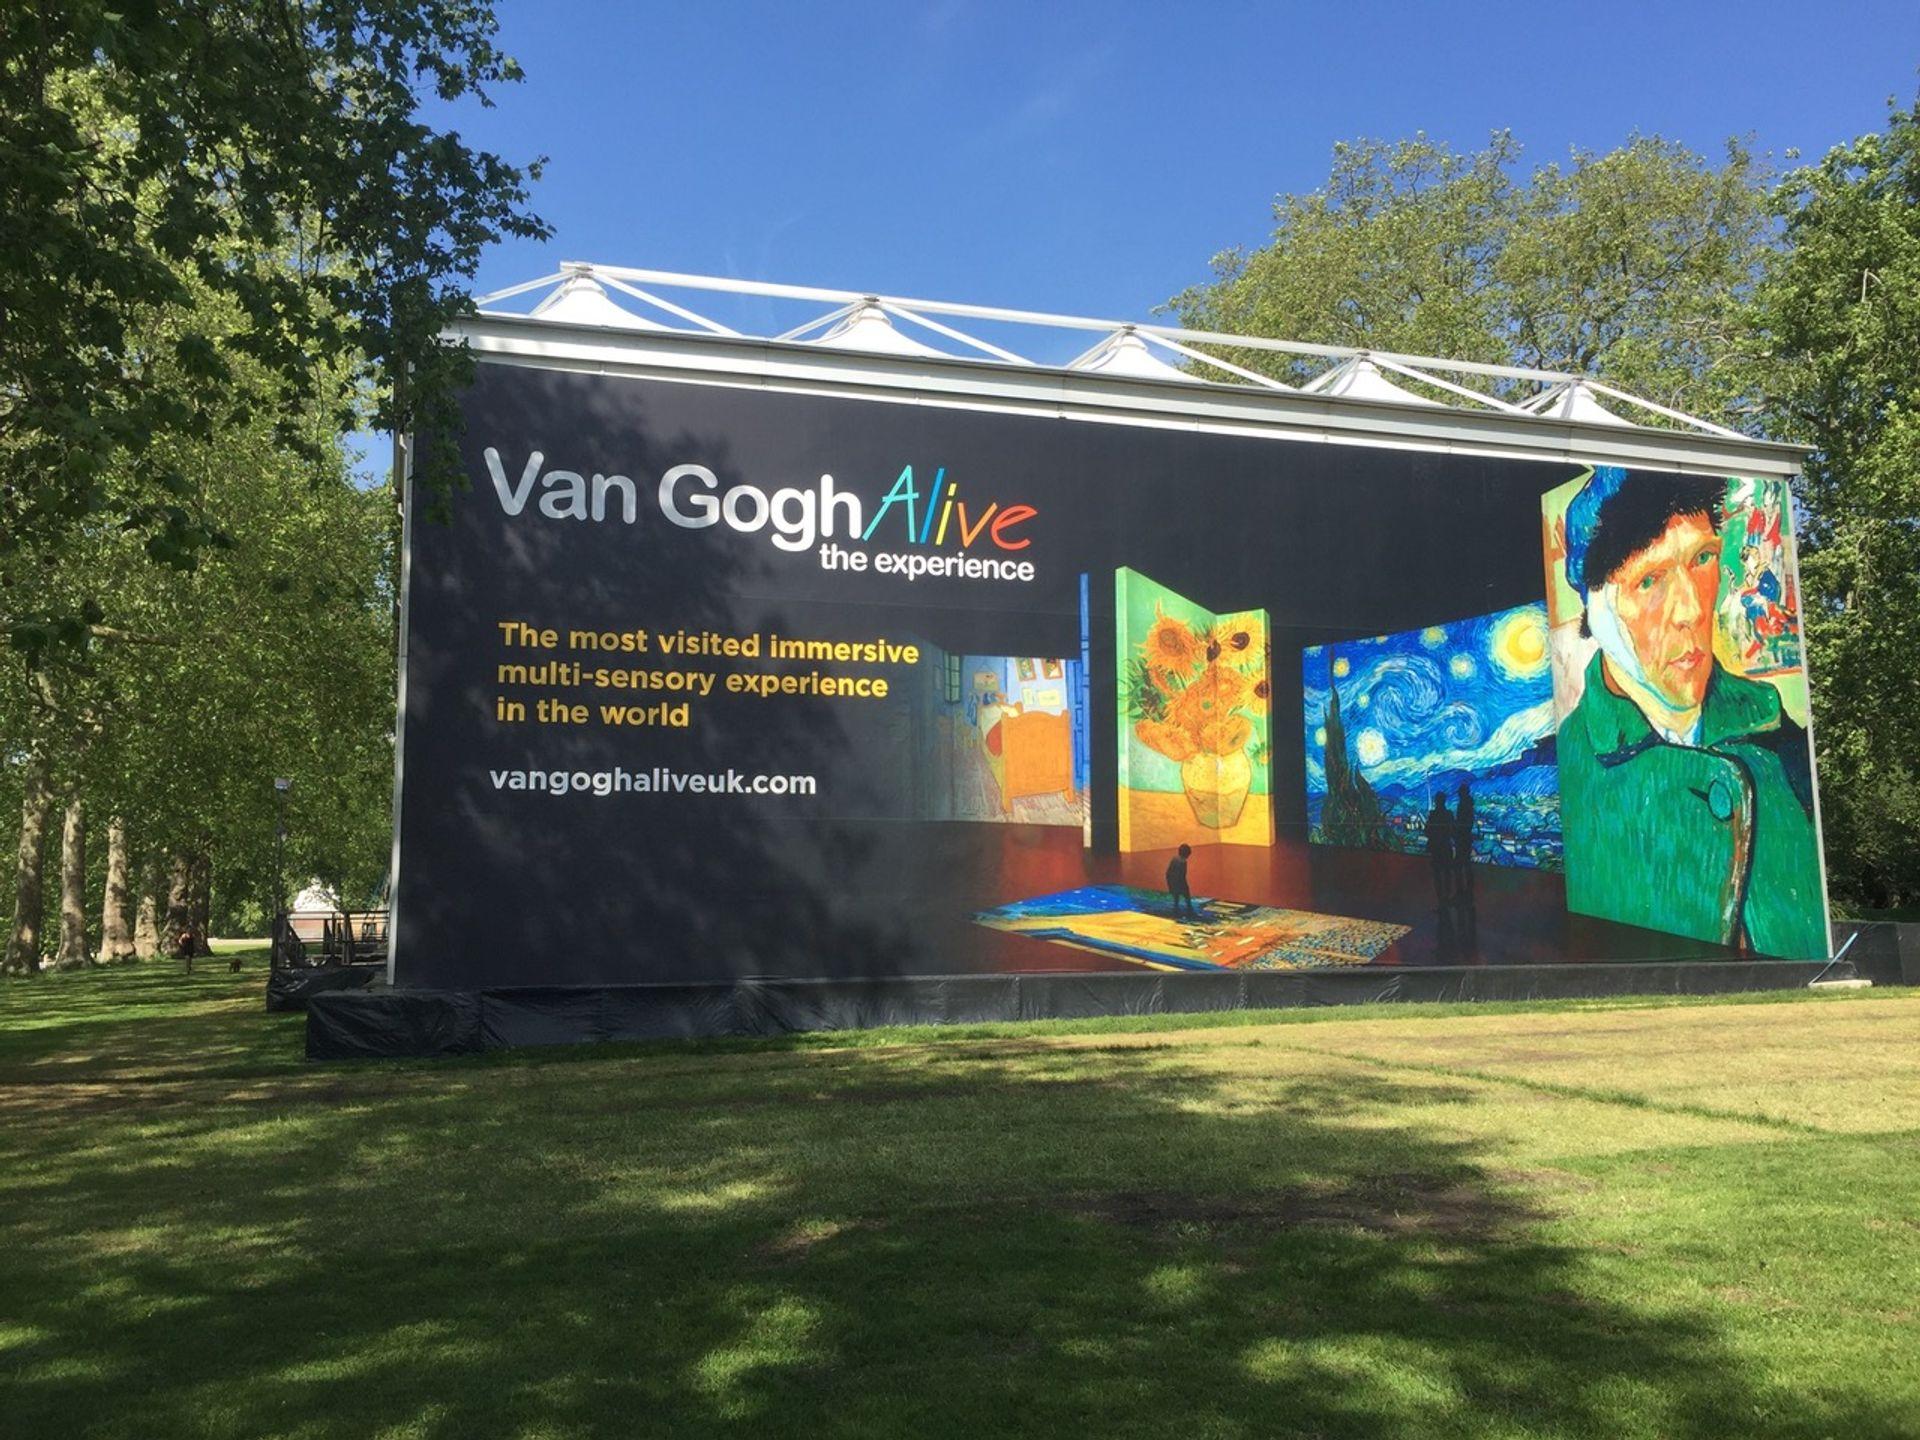 Van Gogh Alive, Kensington Gardens, London Photo: Martin Bailey